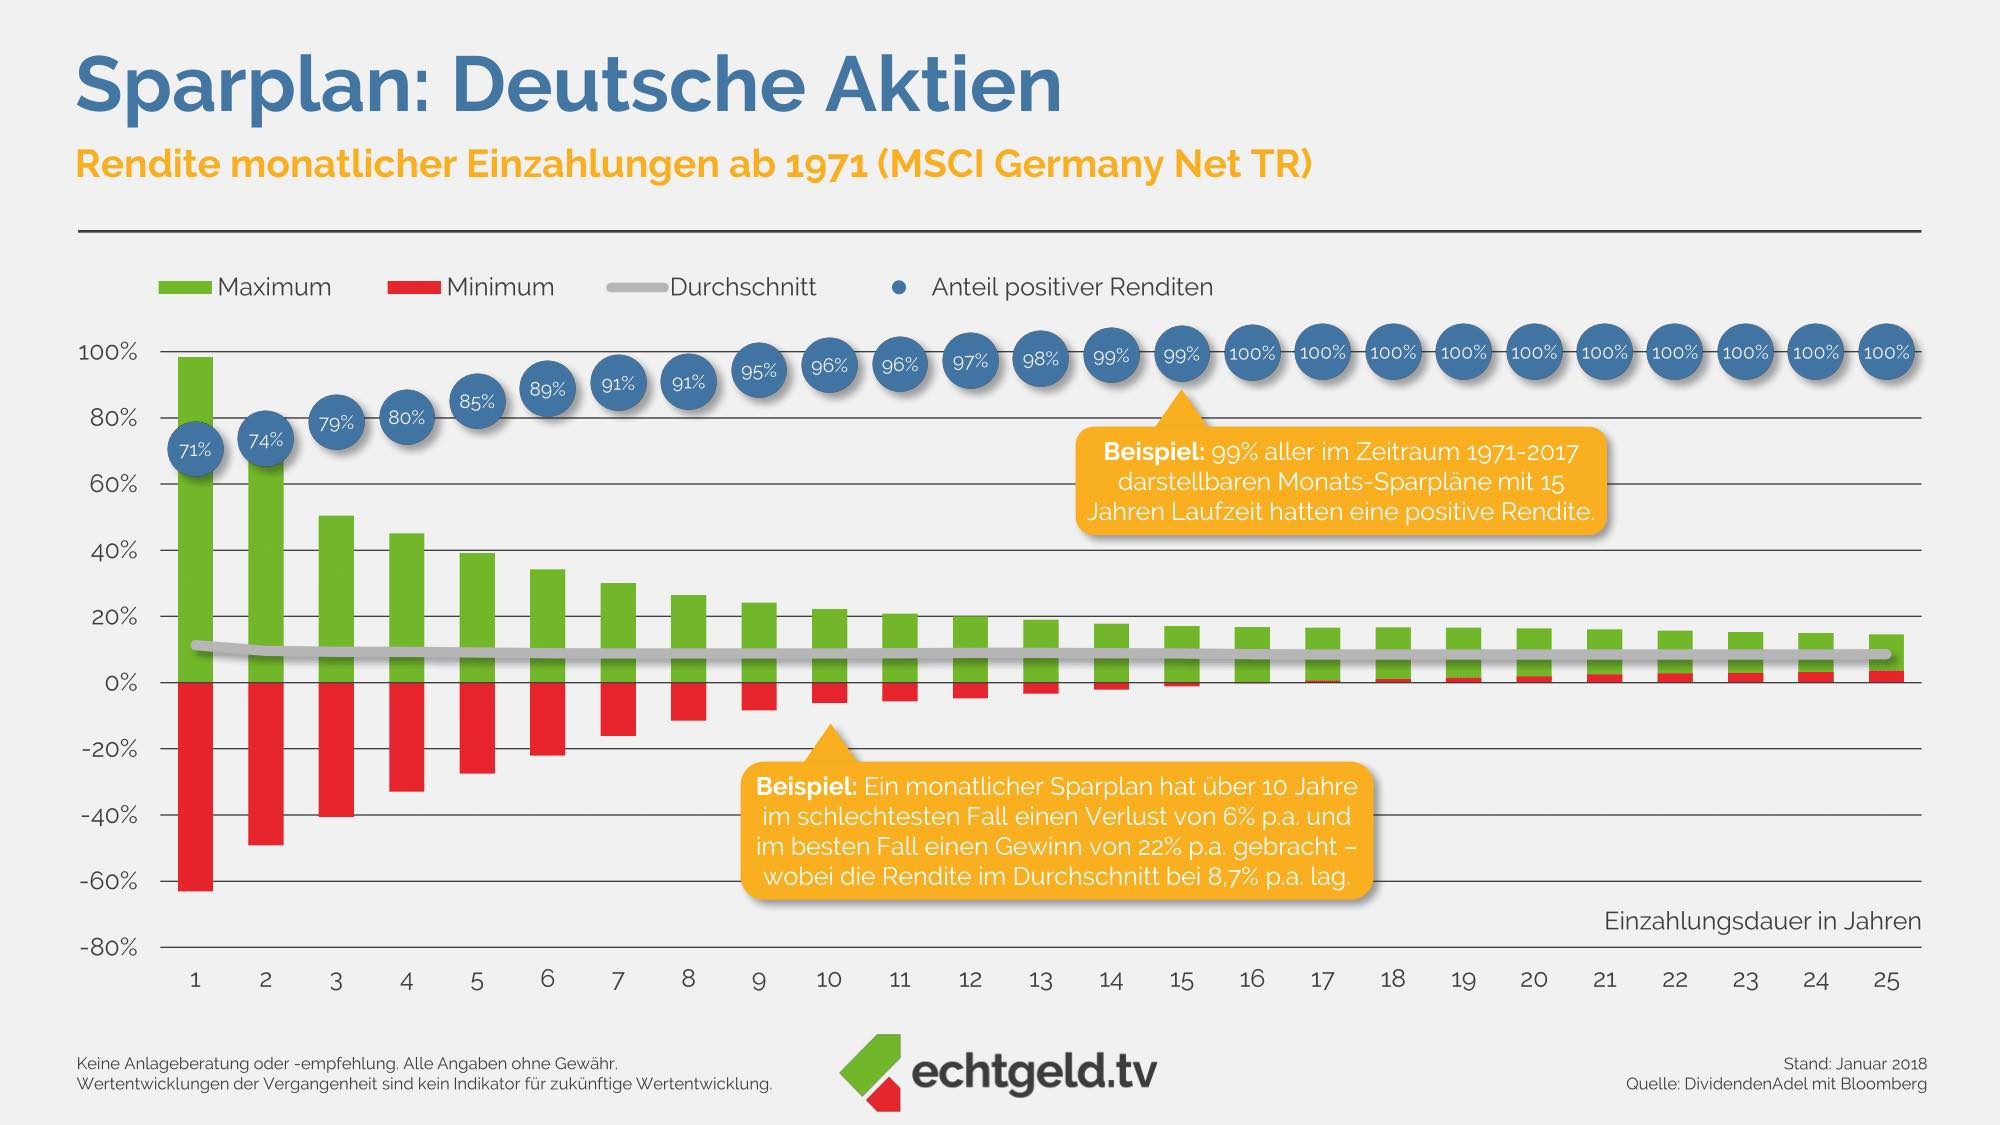 Sparplan Deutsche Aktien Bilanz